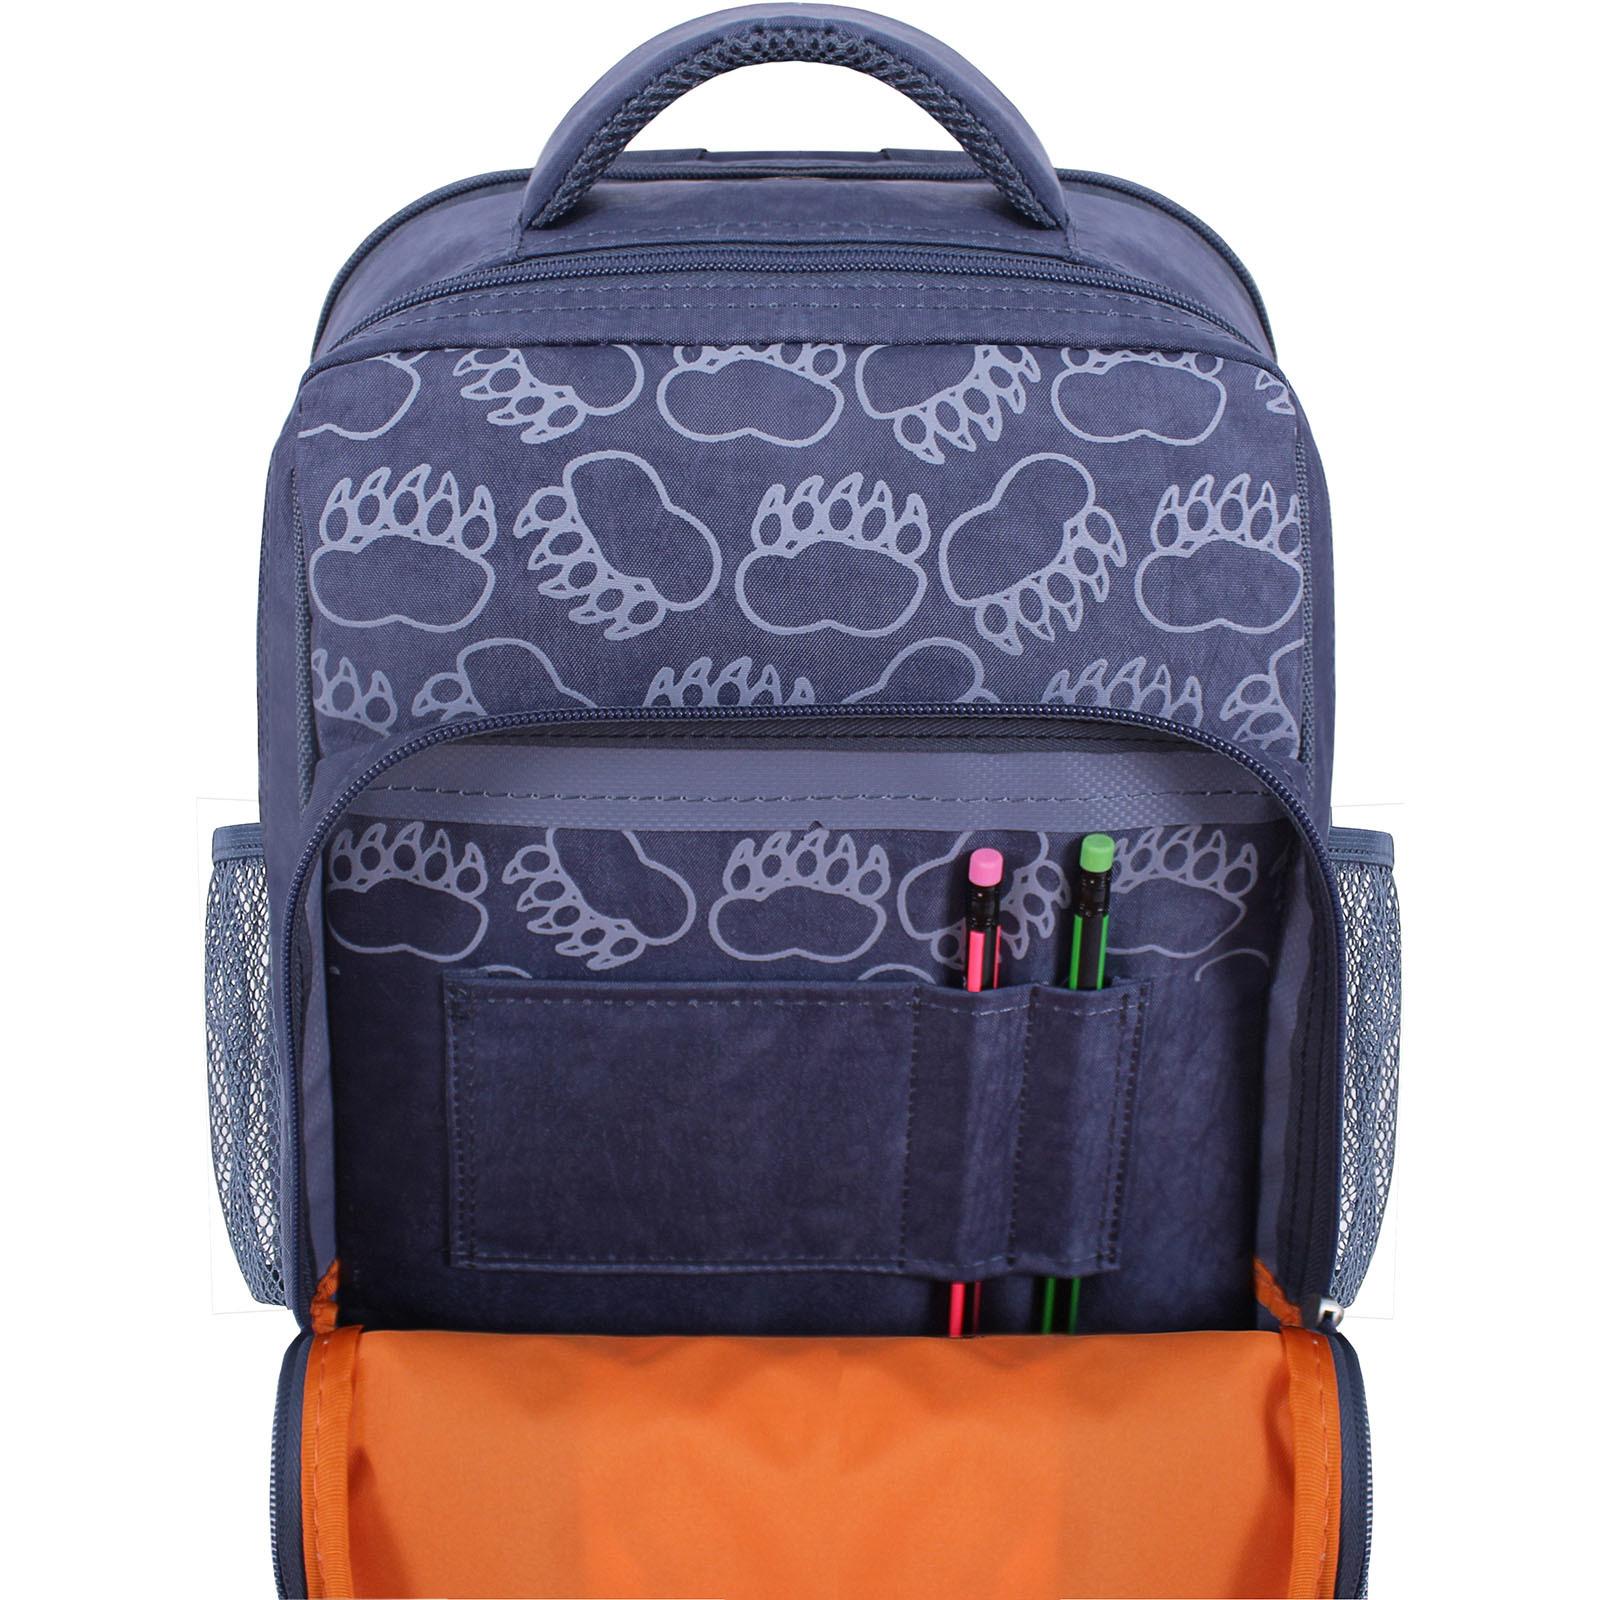 Рюкзак школьный Bagland Школьник 8 л. 321 серый 509 (0012870) фото 4